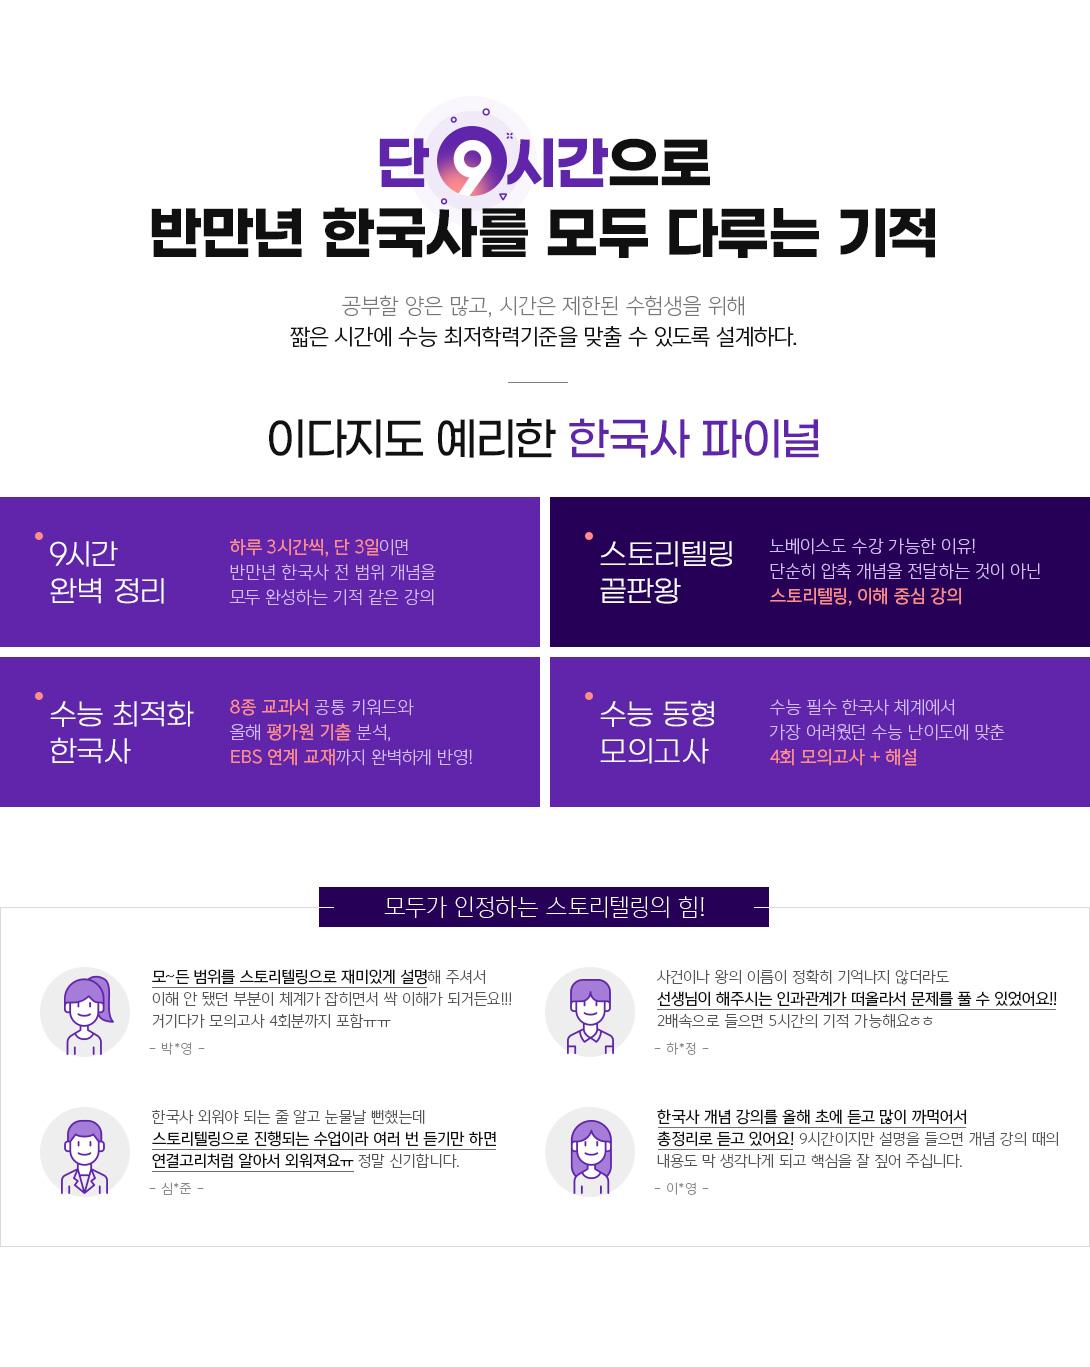 단 9시간으로 반만년 한국사를 모두 다루는 기적